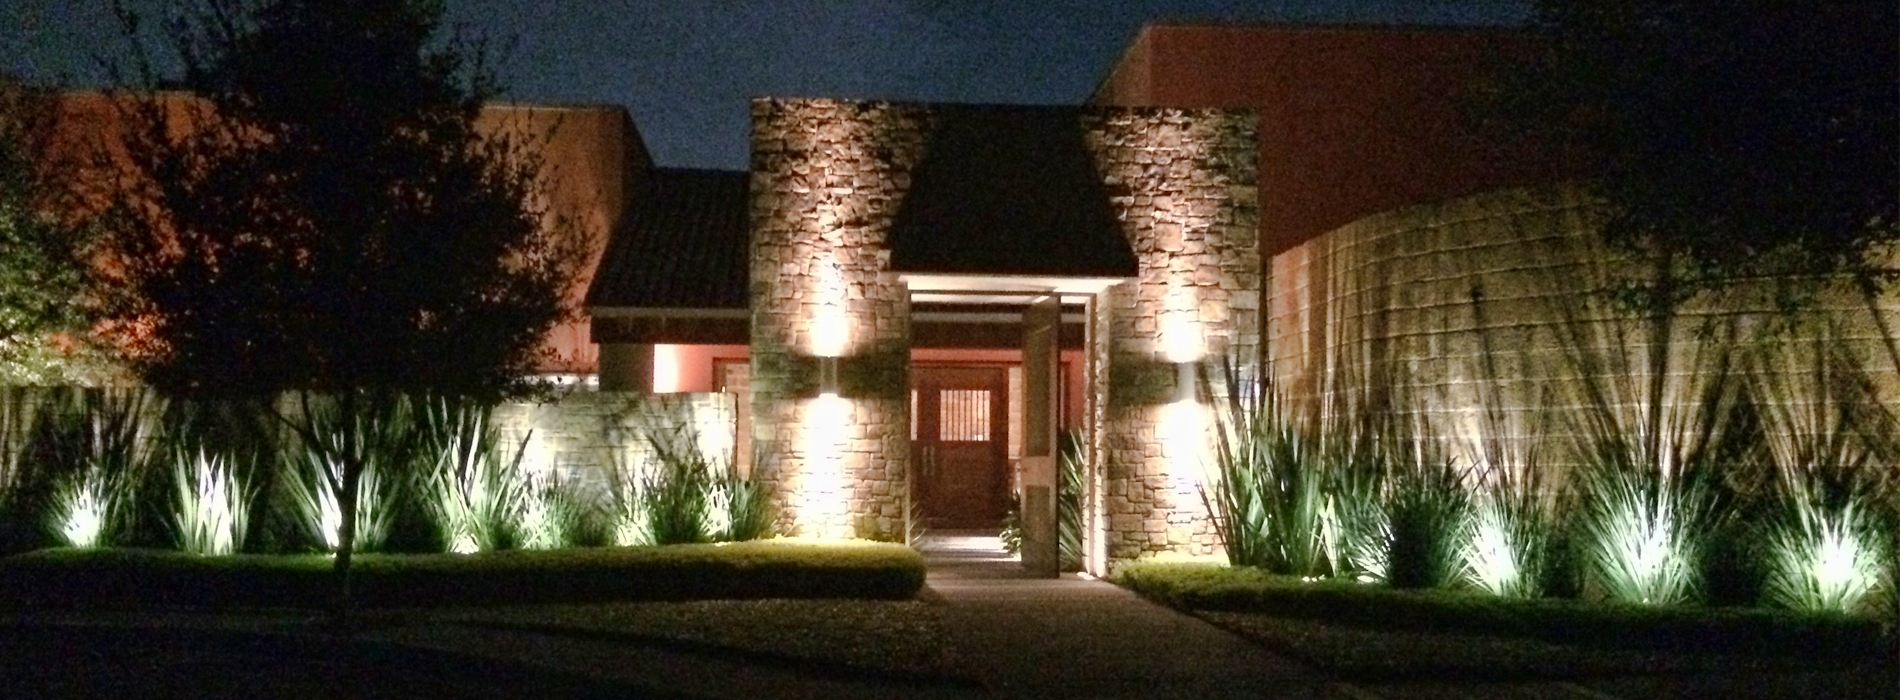 Lumipro focos para jardin iluminaci n de exterior for Luces para jardin exterior